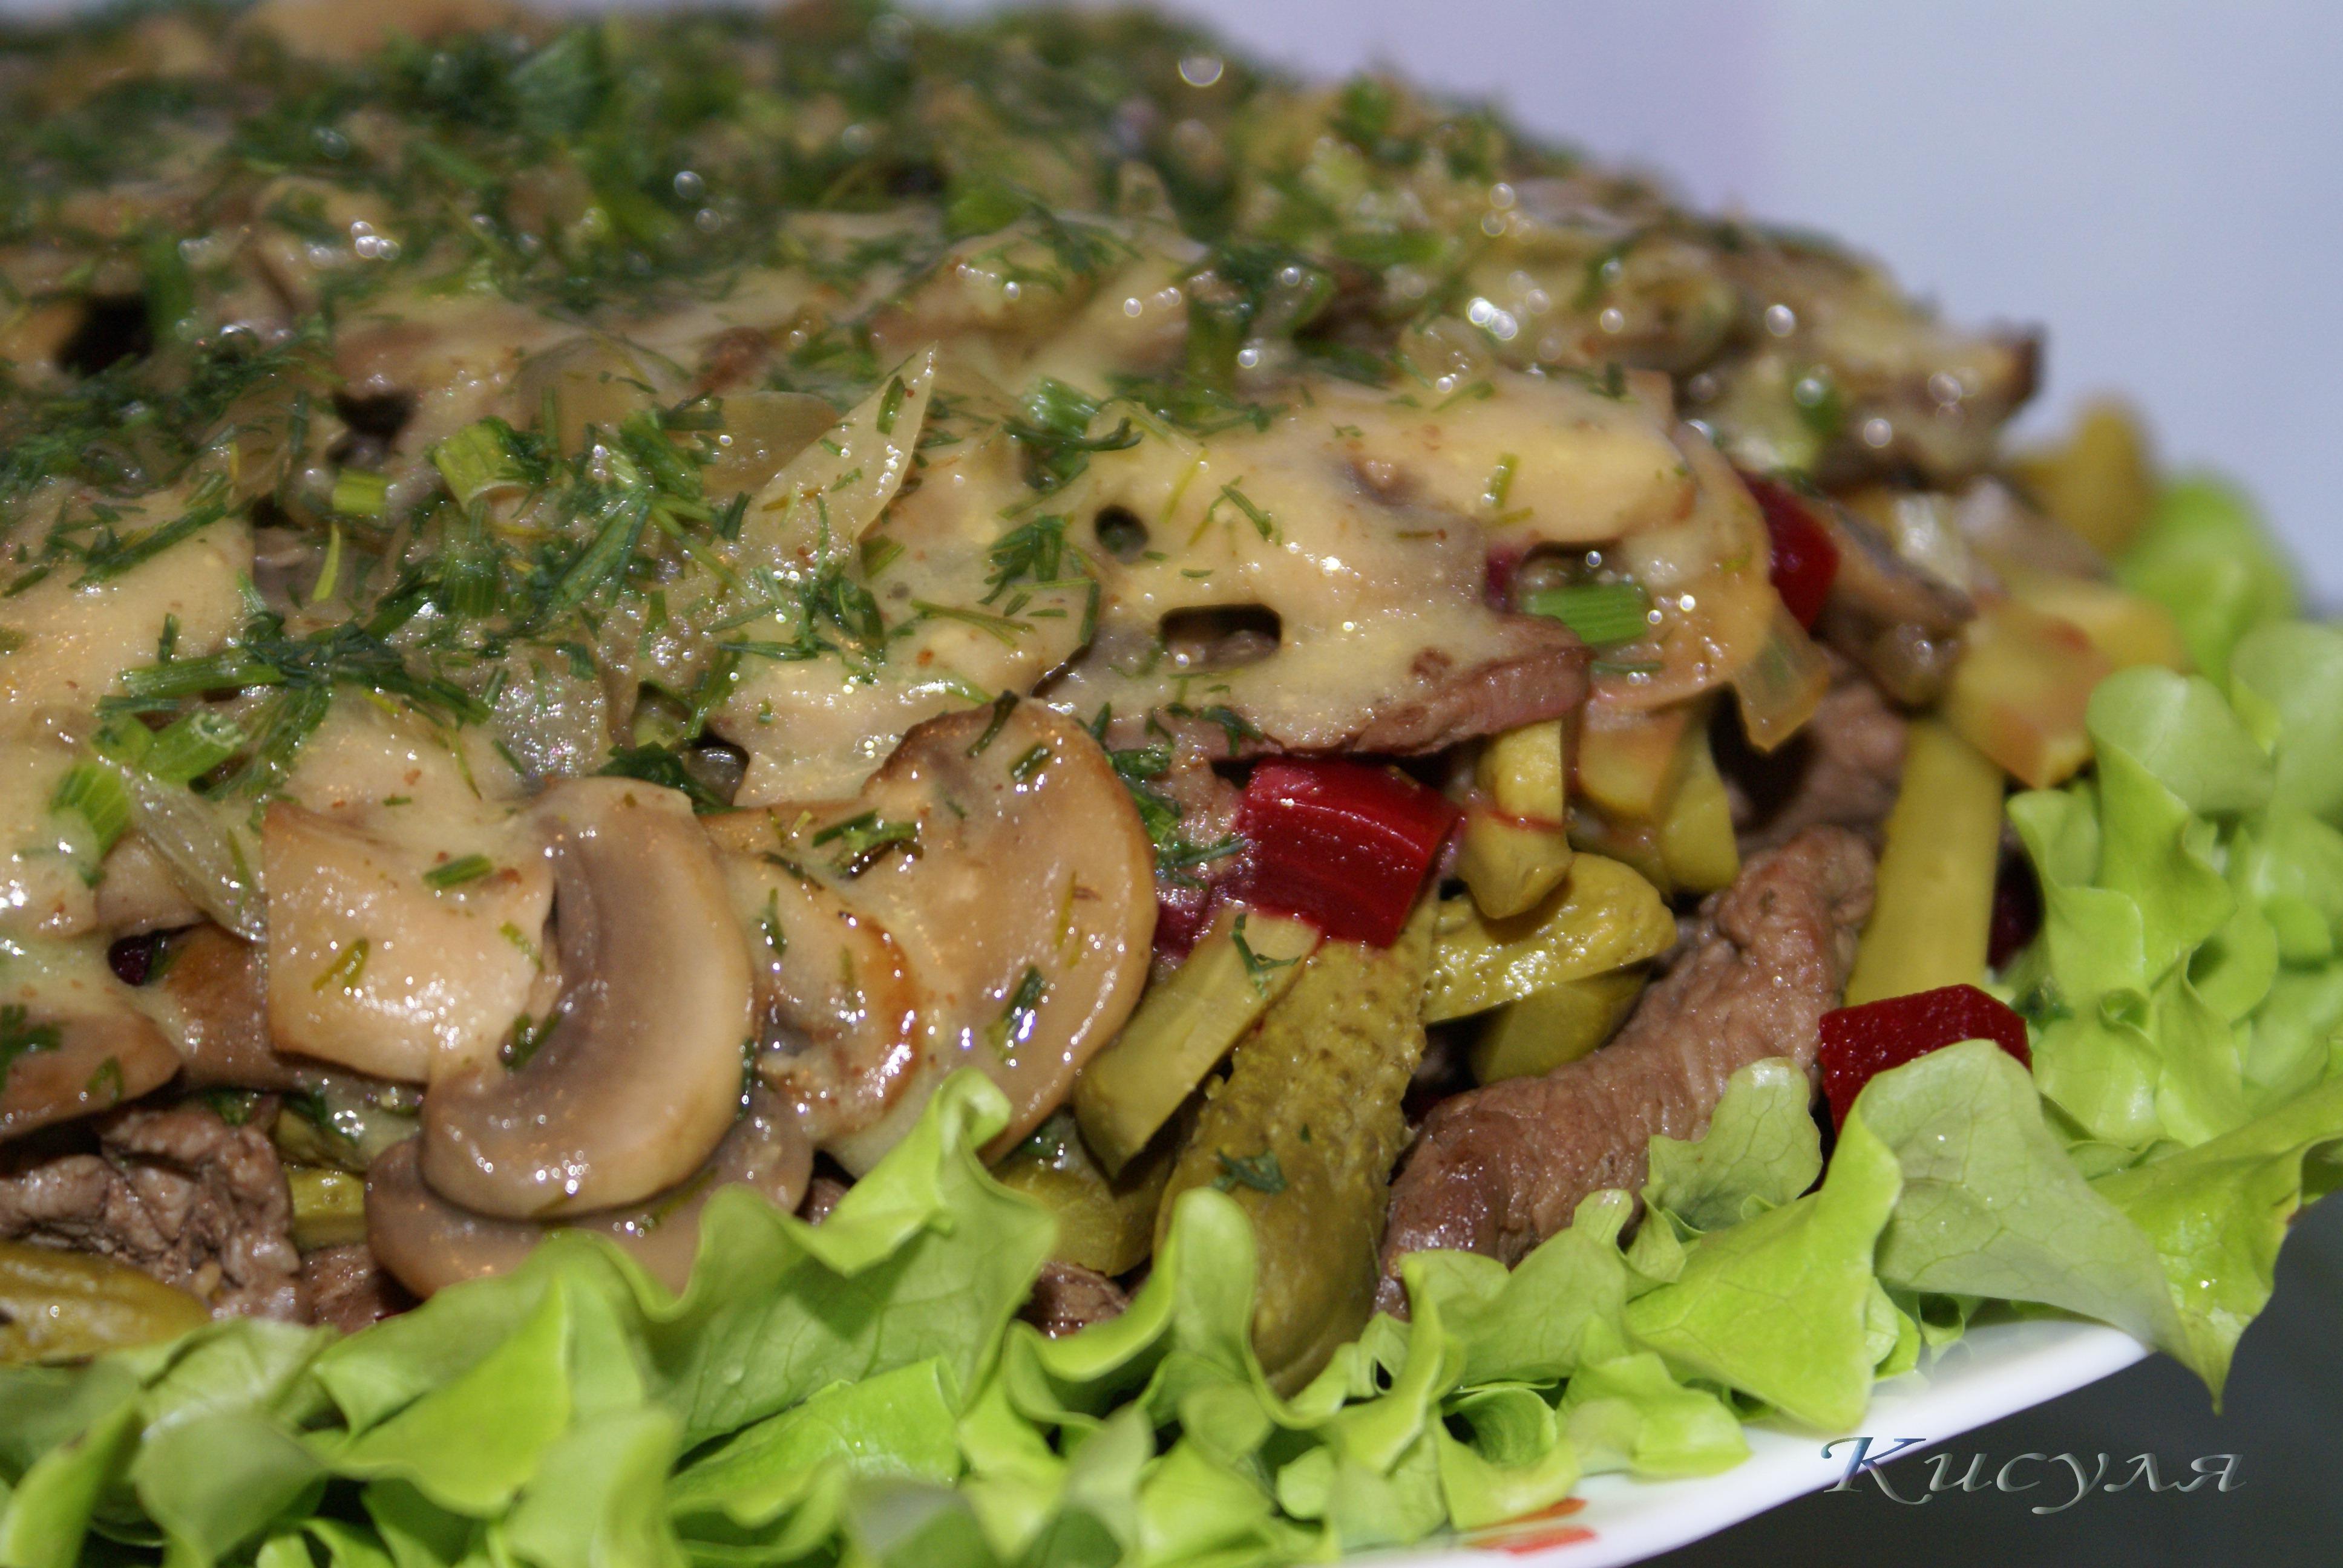 елда салат из жареной говядины рецепт с фото этом старайтесь